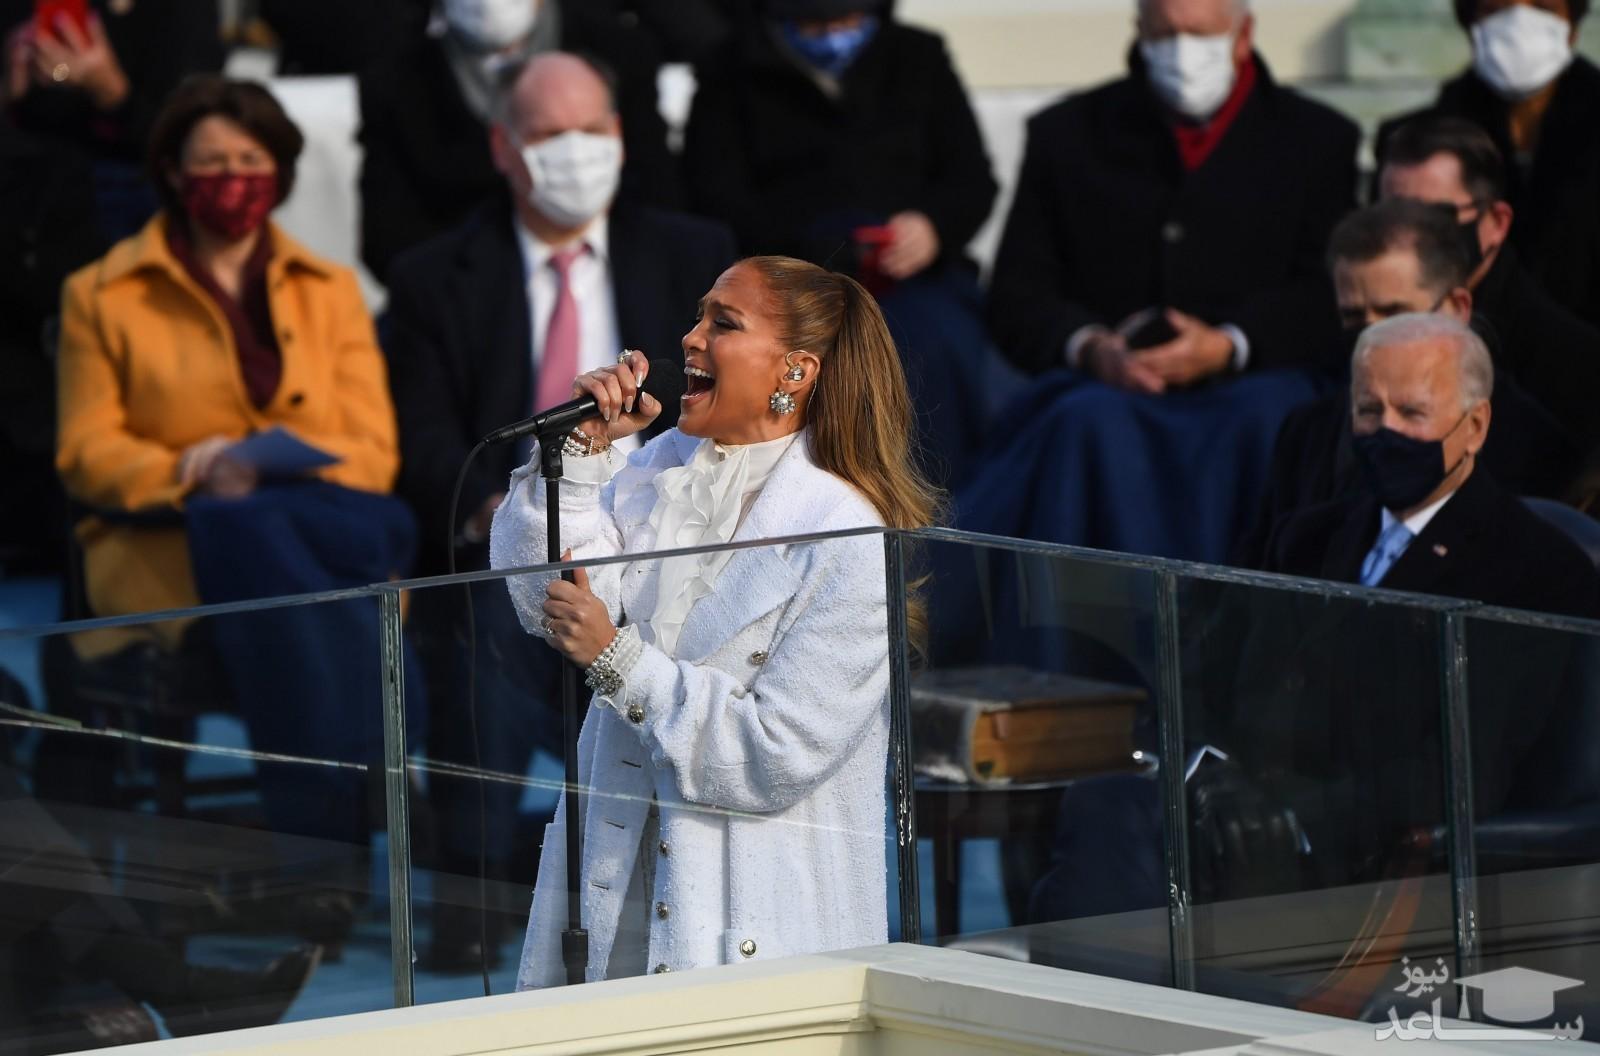 """اجرای سرود وطن پرستانه """"این سرزمین، سرزمین توست"""" توسط جنیفر لوپز در مراسم تحلیف جو بایدن"""